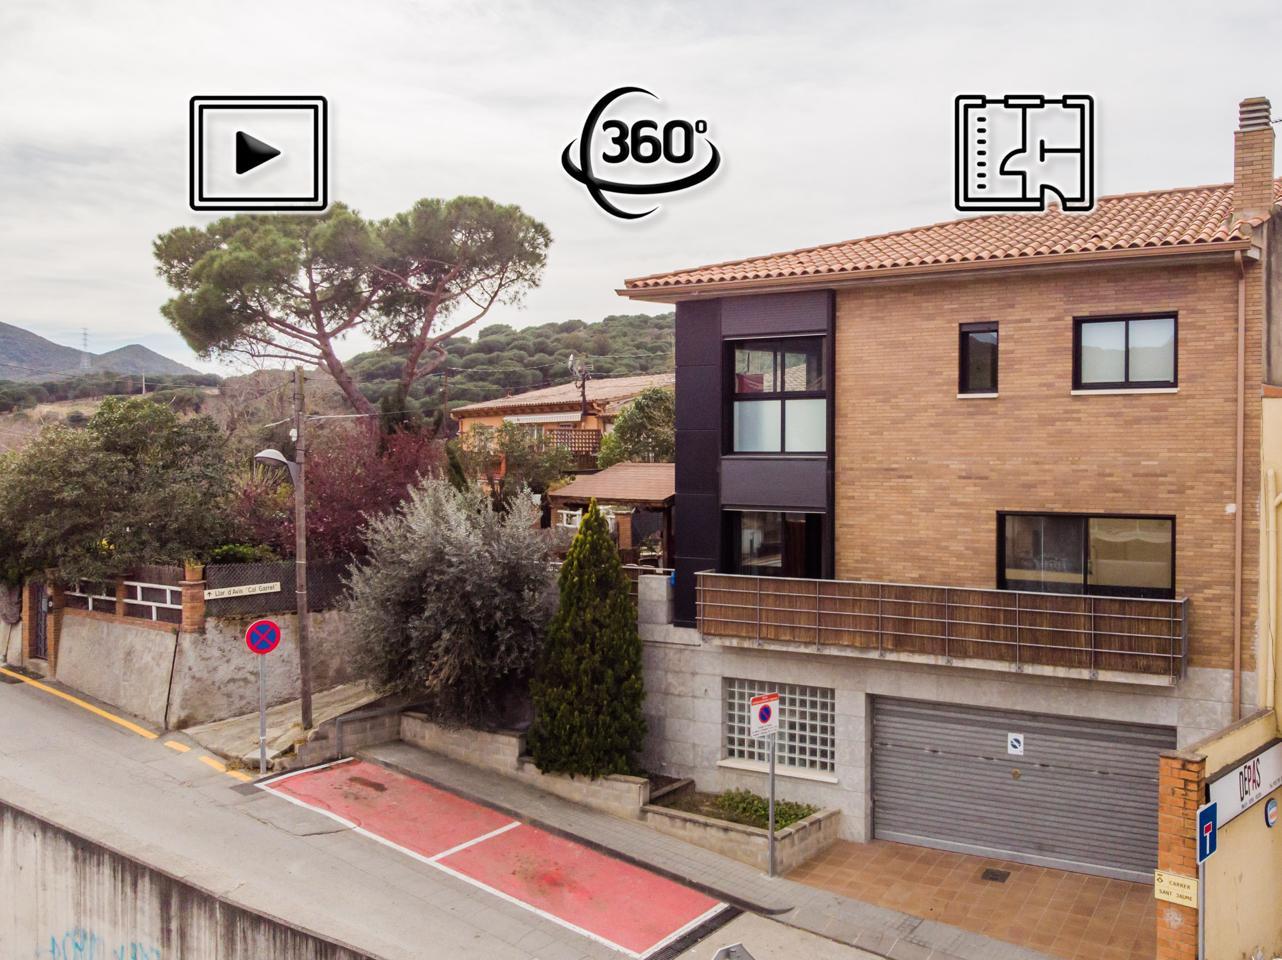 villa en sant-fost-de-campsentelles · carrer-sant-jaume-08105 328000€